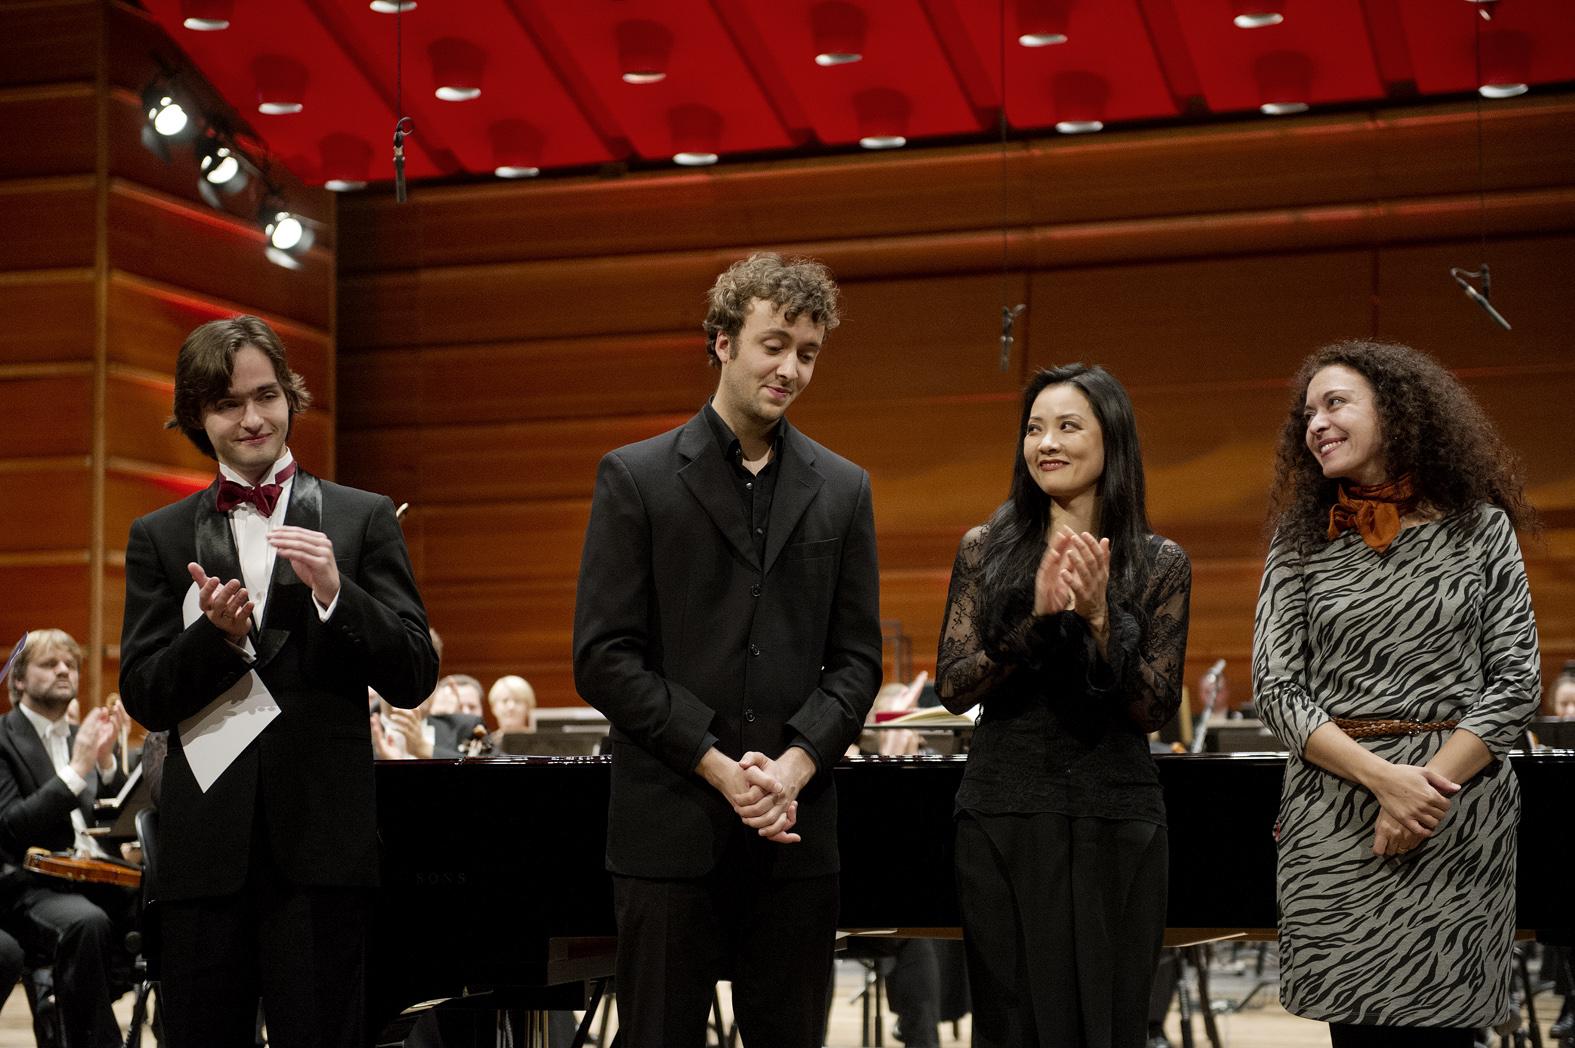 Førsteprisvinner Joachim Carr fra Bergen sammen med andreprisvinner Arseny Tarasevich-Nikolaev (til venstre) og jurymedlemmene Ya-Fei Chuang og Marianna Shirinyan (foto: Helge Skodvin).